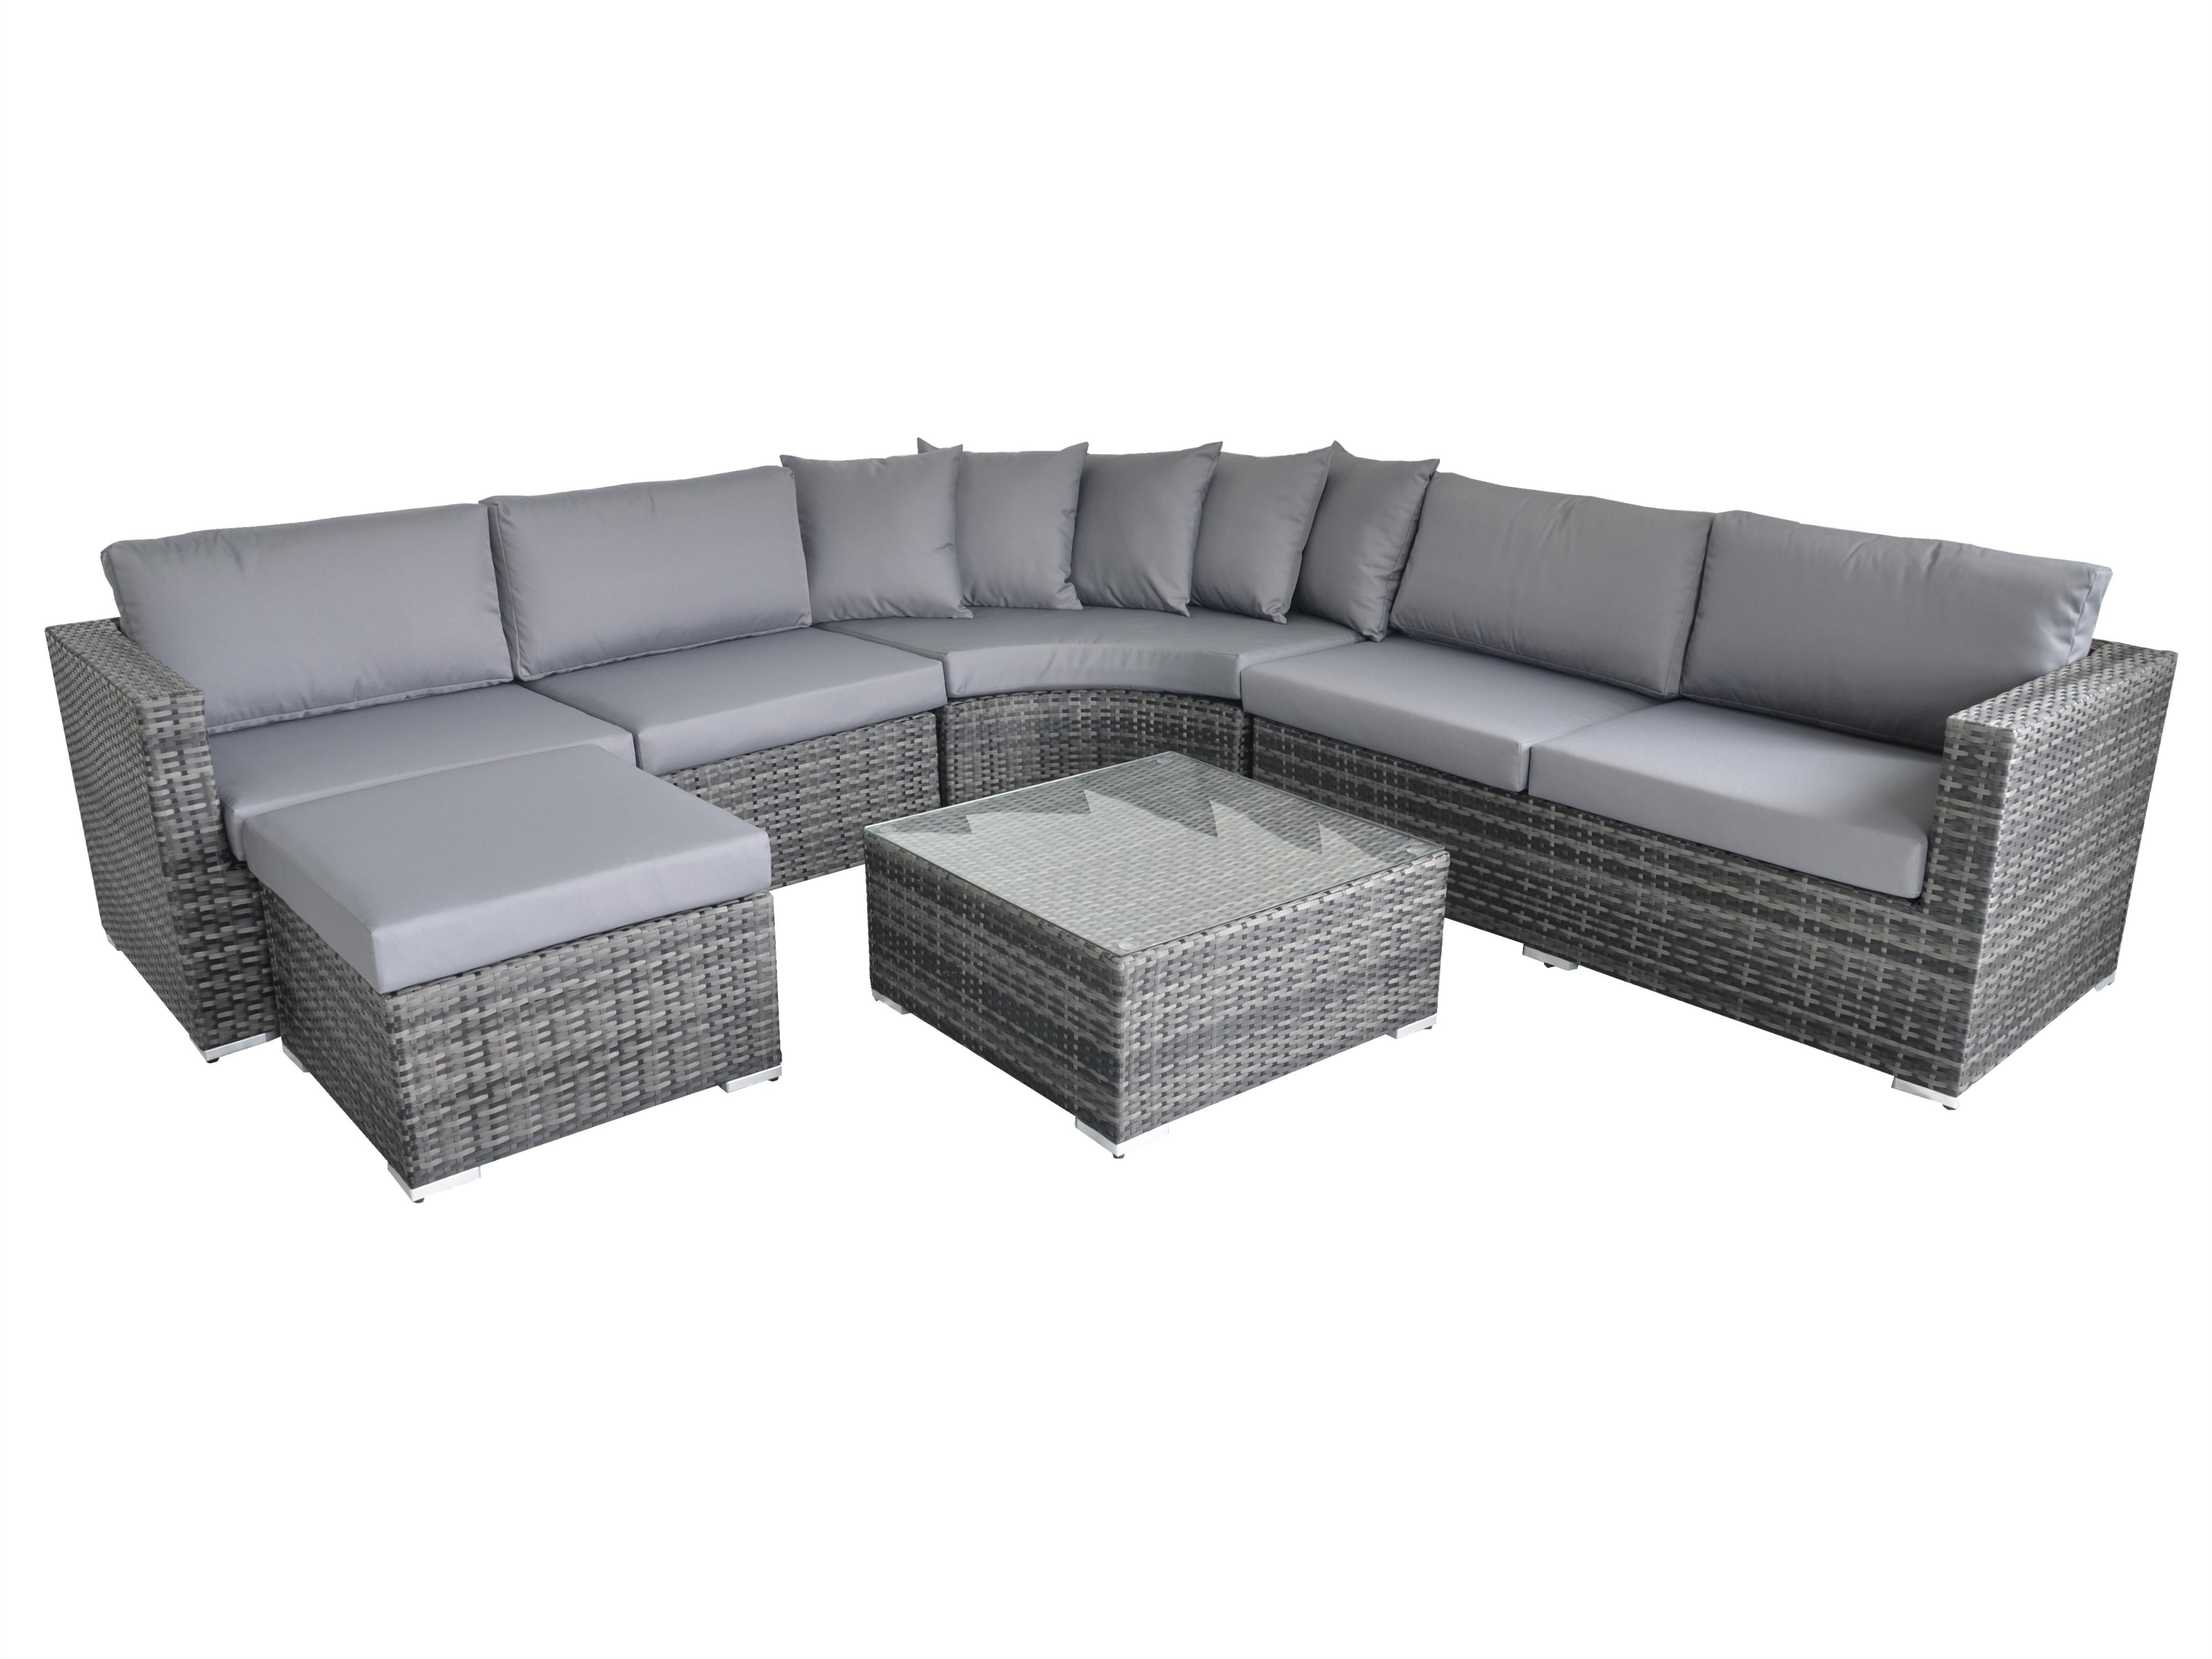 Rattan Fairy Valencia 5 Piece Deluxe Garden Sofa Set In Grey rattan colour